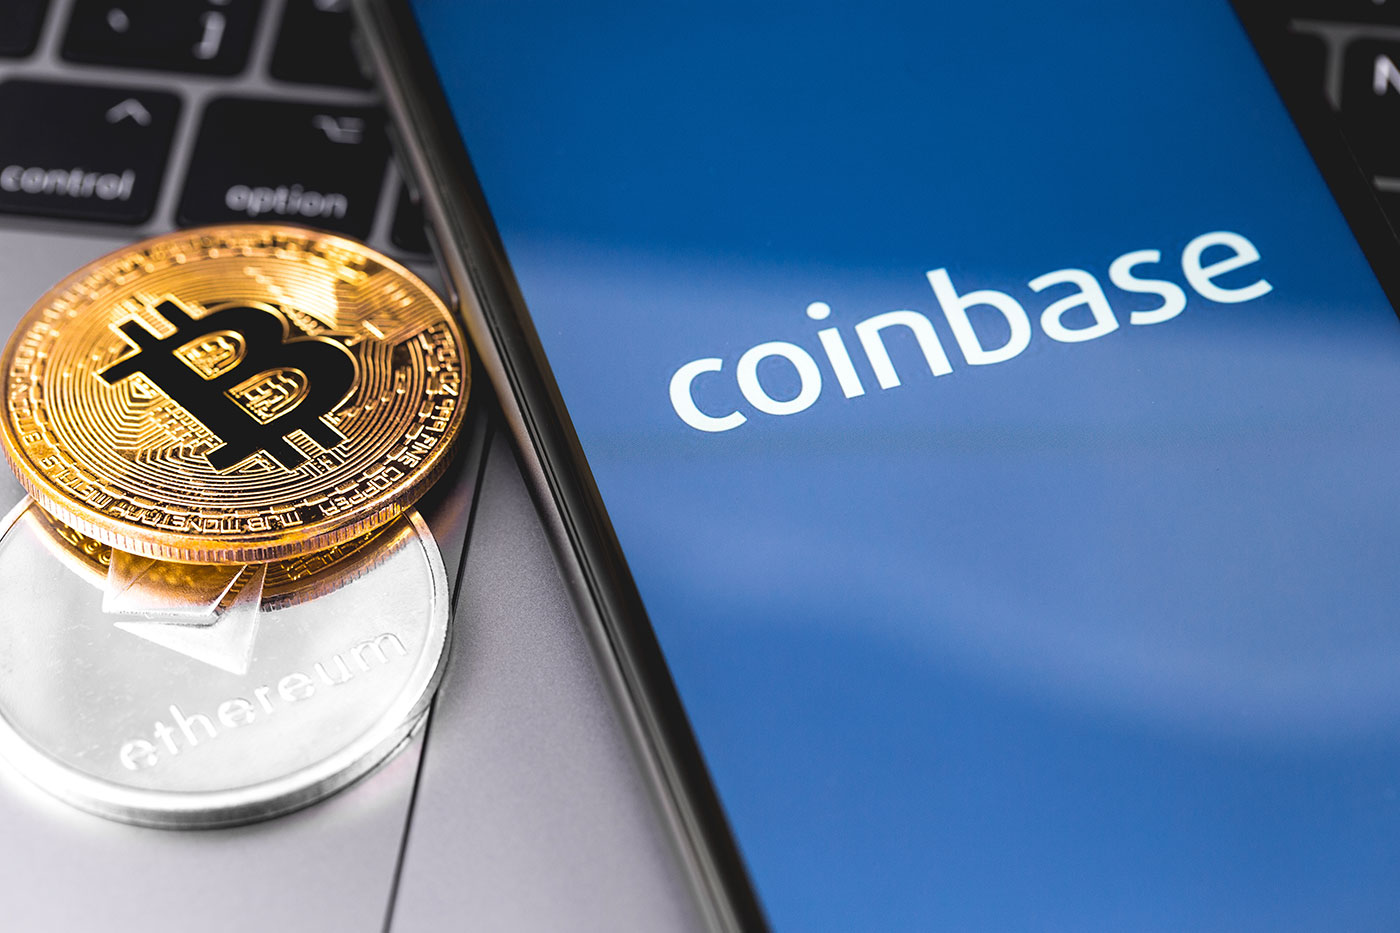 Coinbase Set to Checklist Each Crypto Asset